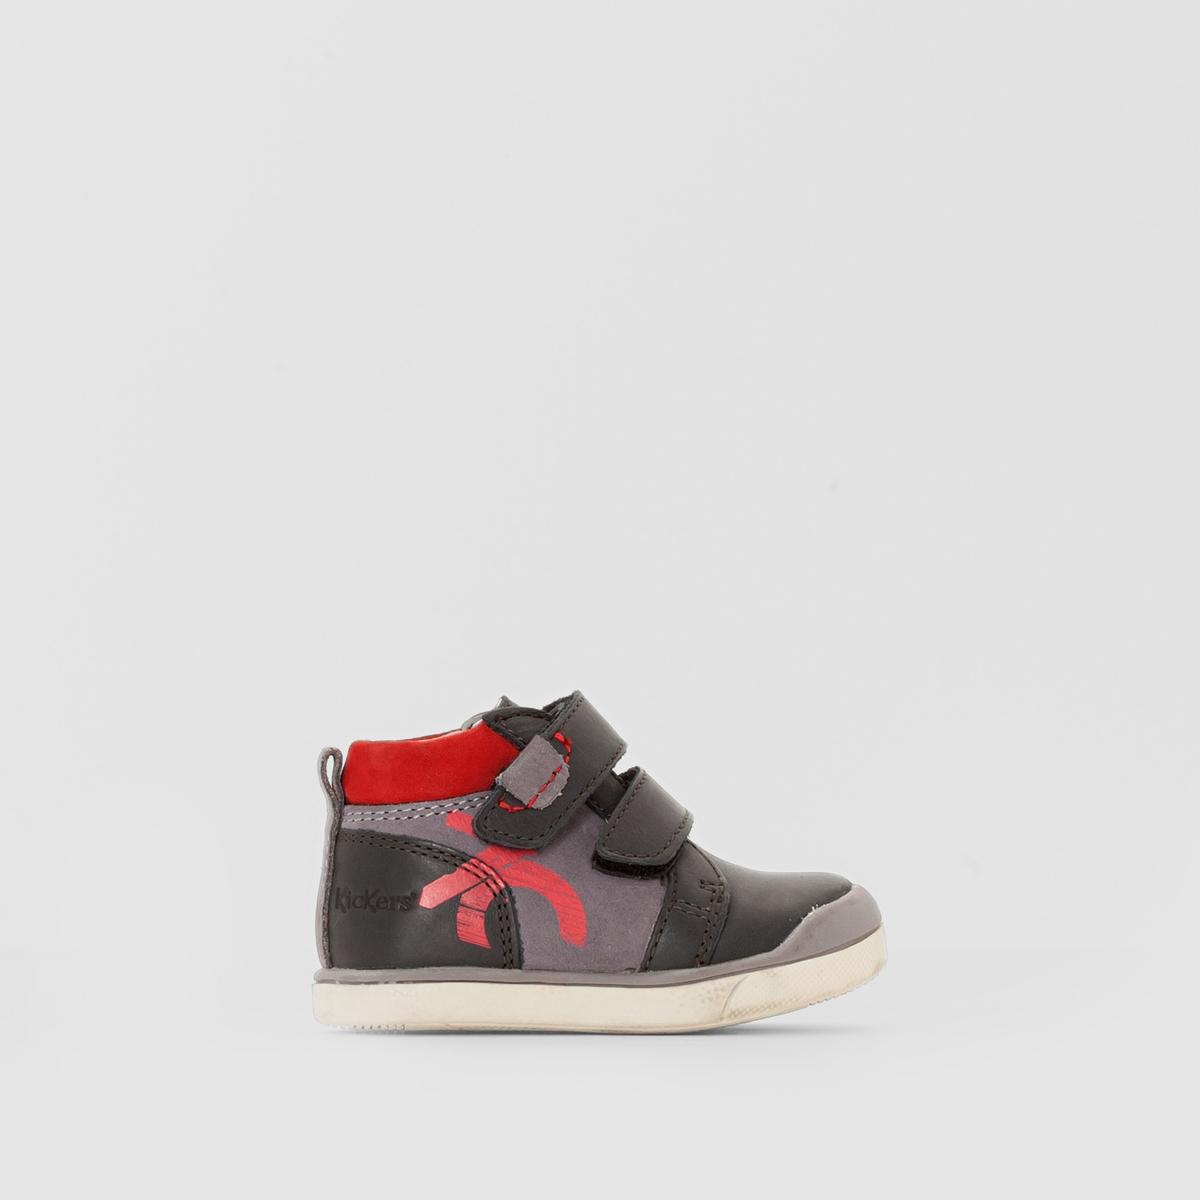 Кеды высокие с застежкой на планку-велкро GOWAOUПодкладка : Неотделанная кожа         Стелька : Неотделанная кожа          Подошва : Каучук   Высота каблука : 5 см.         Форма каблука : Плоский каблук         Мысок : Закругленный         Застежка : Планки-велкро<br><br>Цвет: черный/ серый/ красный